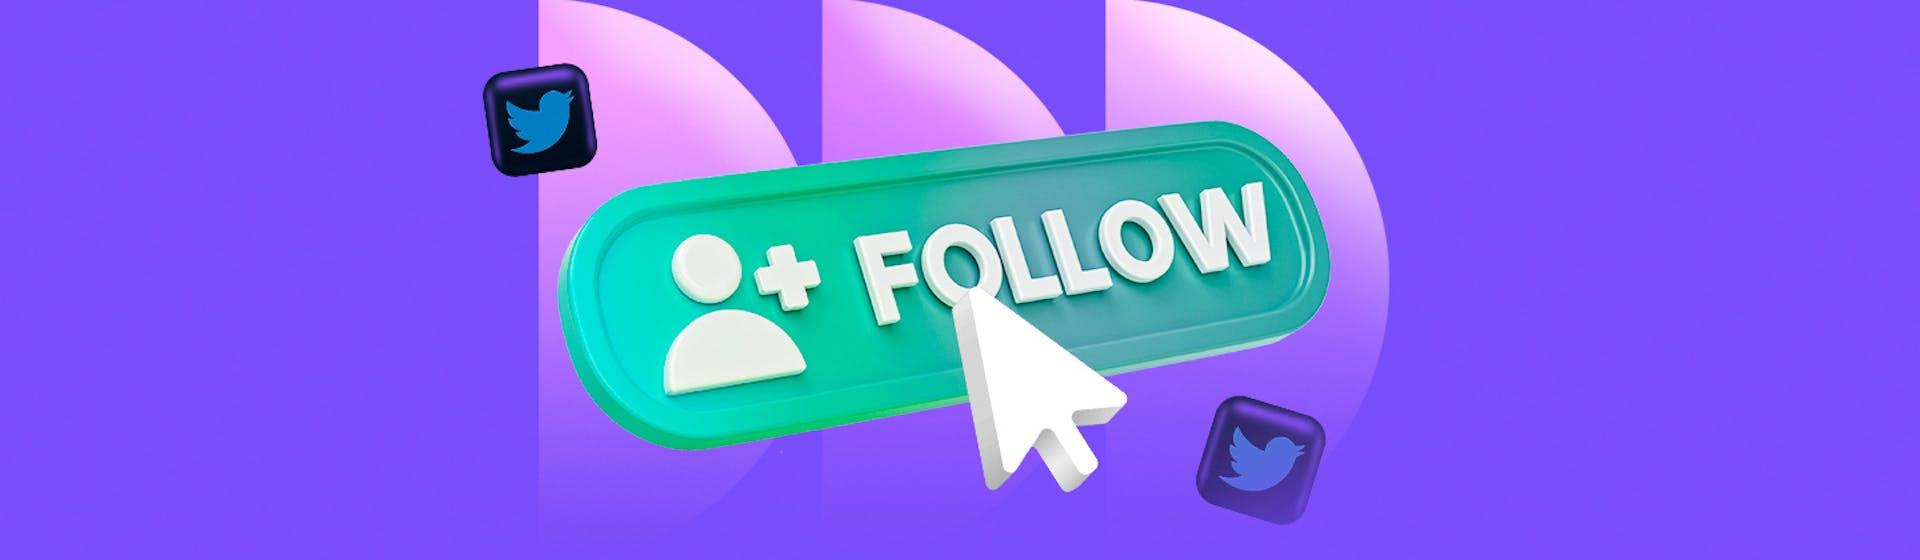 ¿Cómo conseguir seguidores en Twitter? +15 consejos para que seas el mejor Tuitero